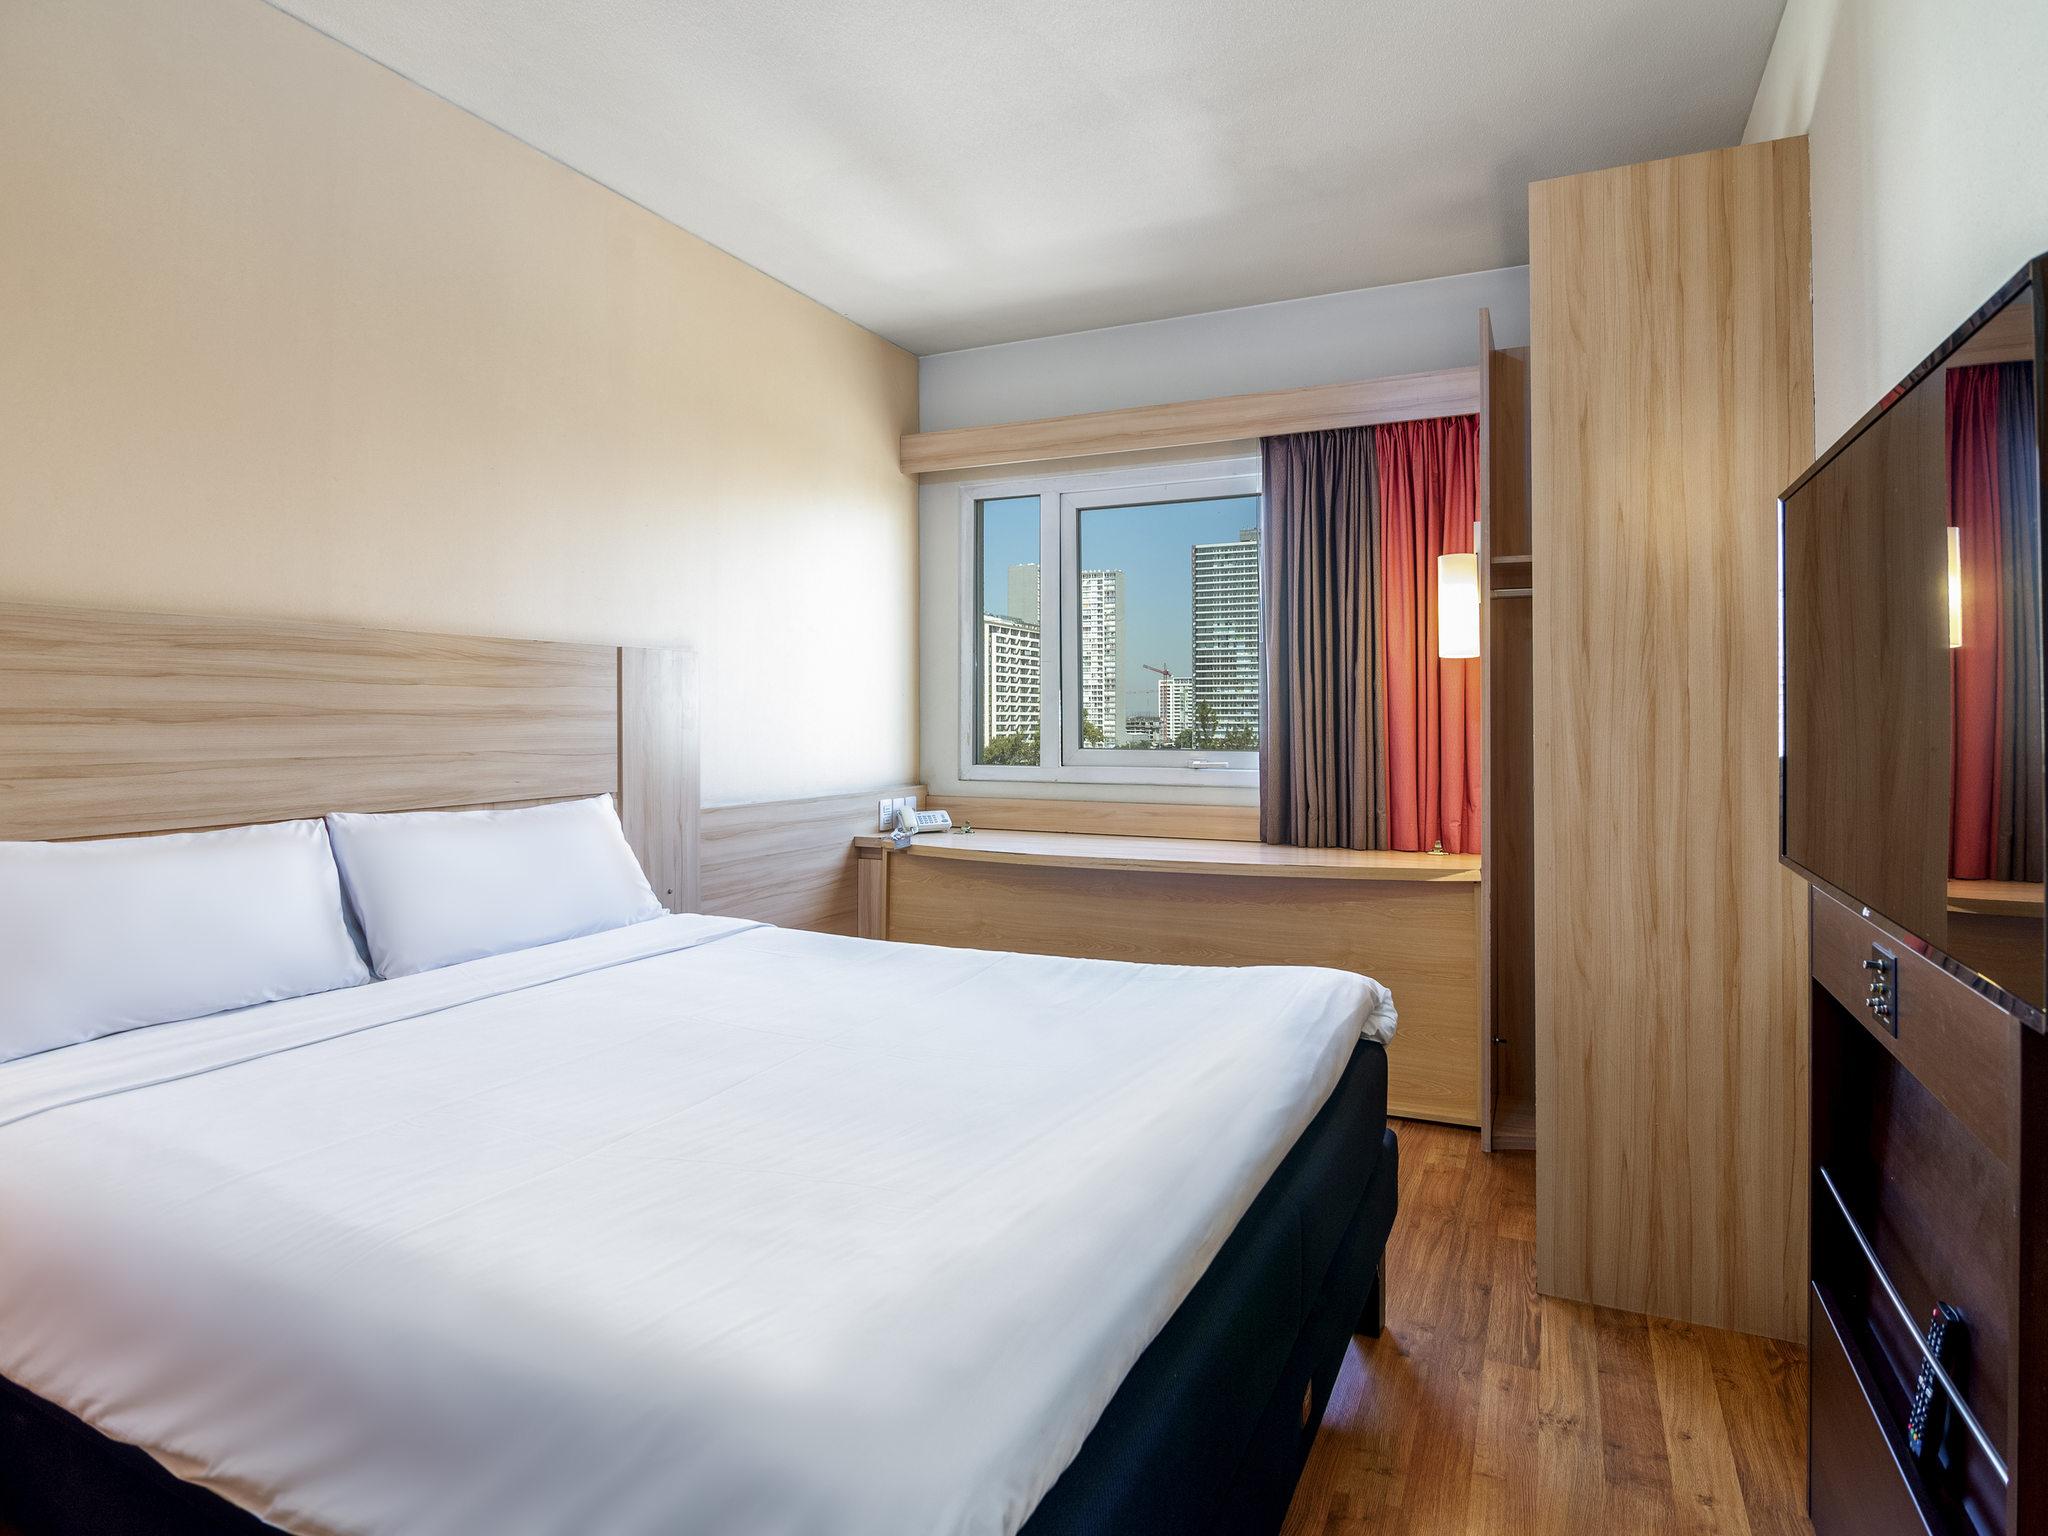 ホテル – イビスサンティアゴエスタシオンセントラル